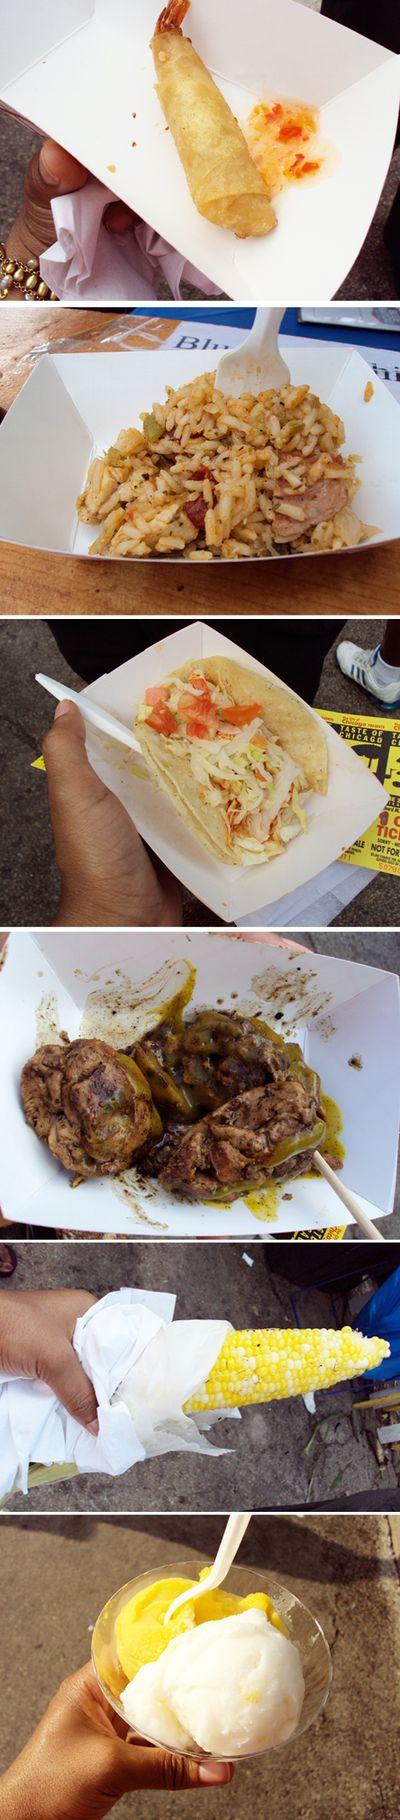 Taste_chicago